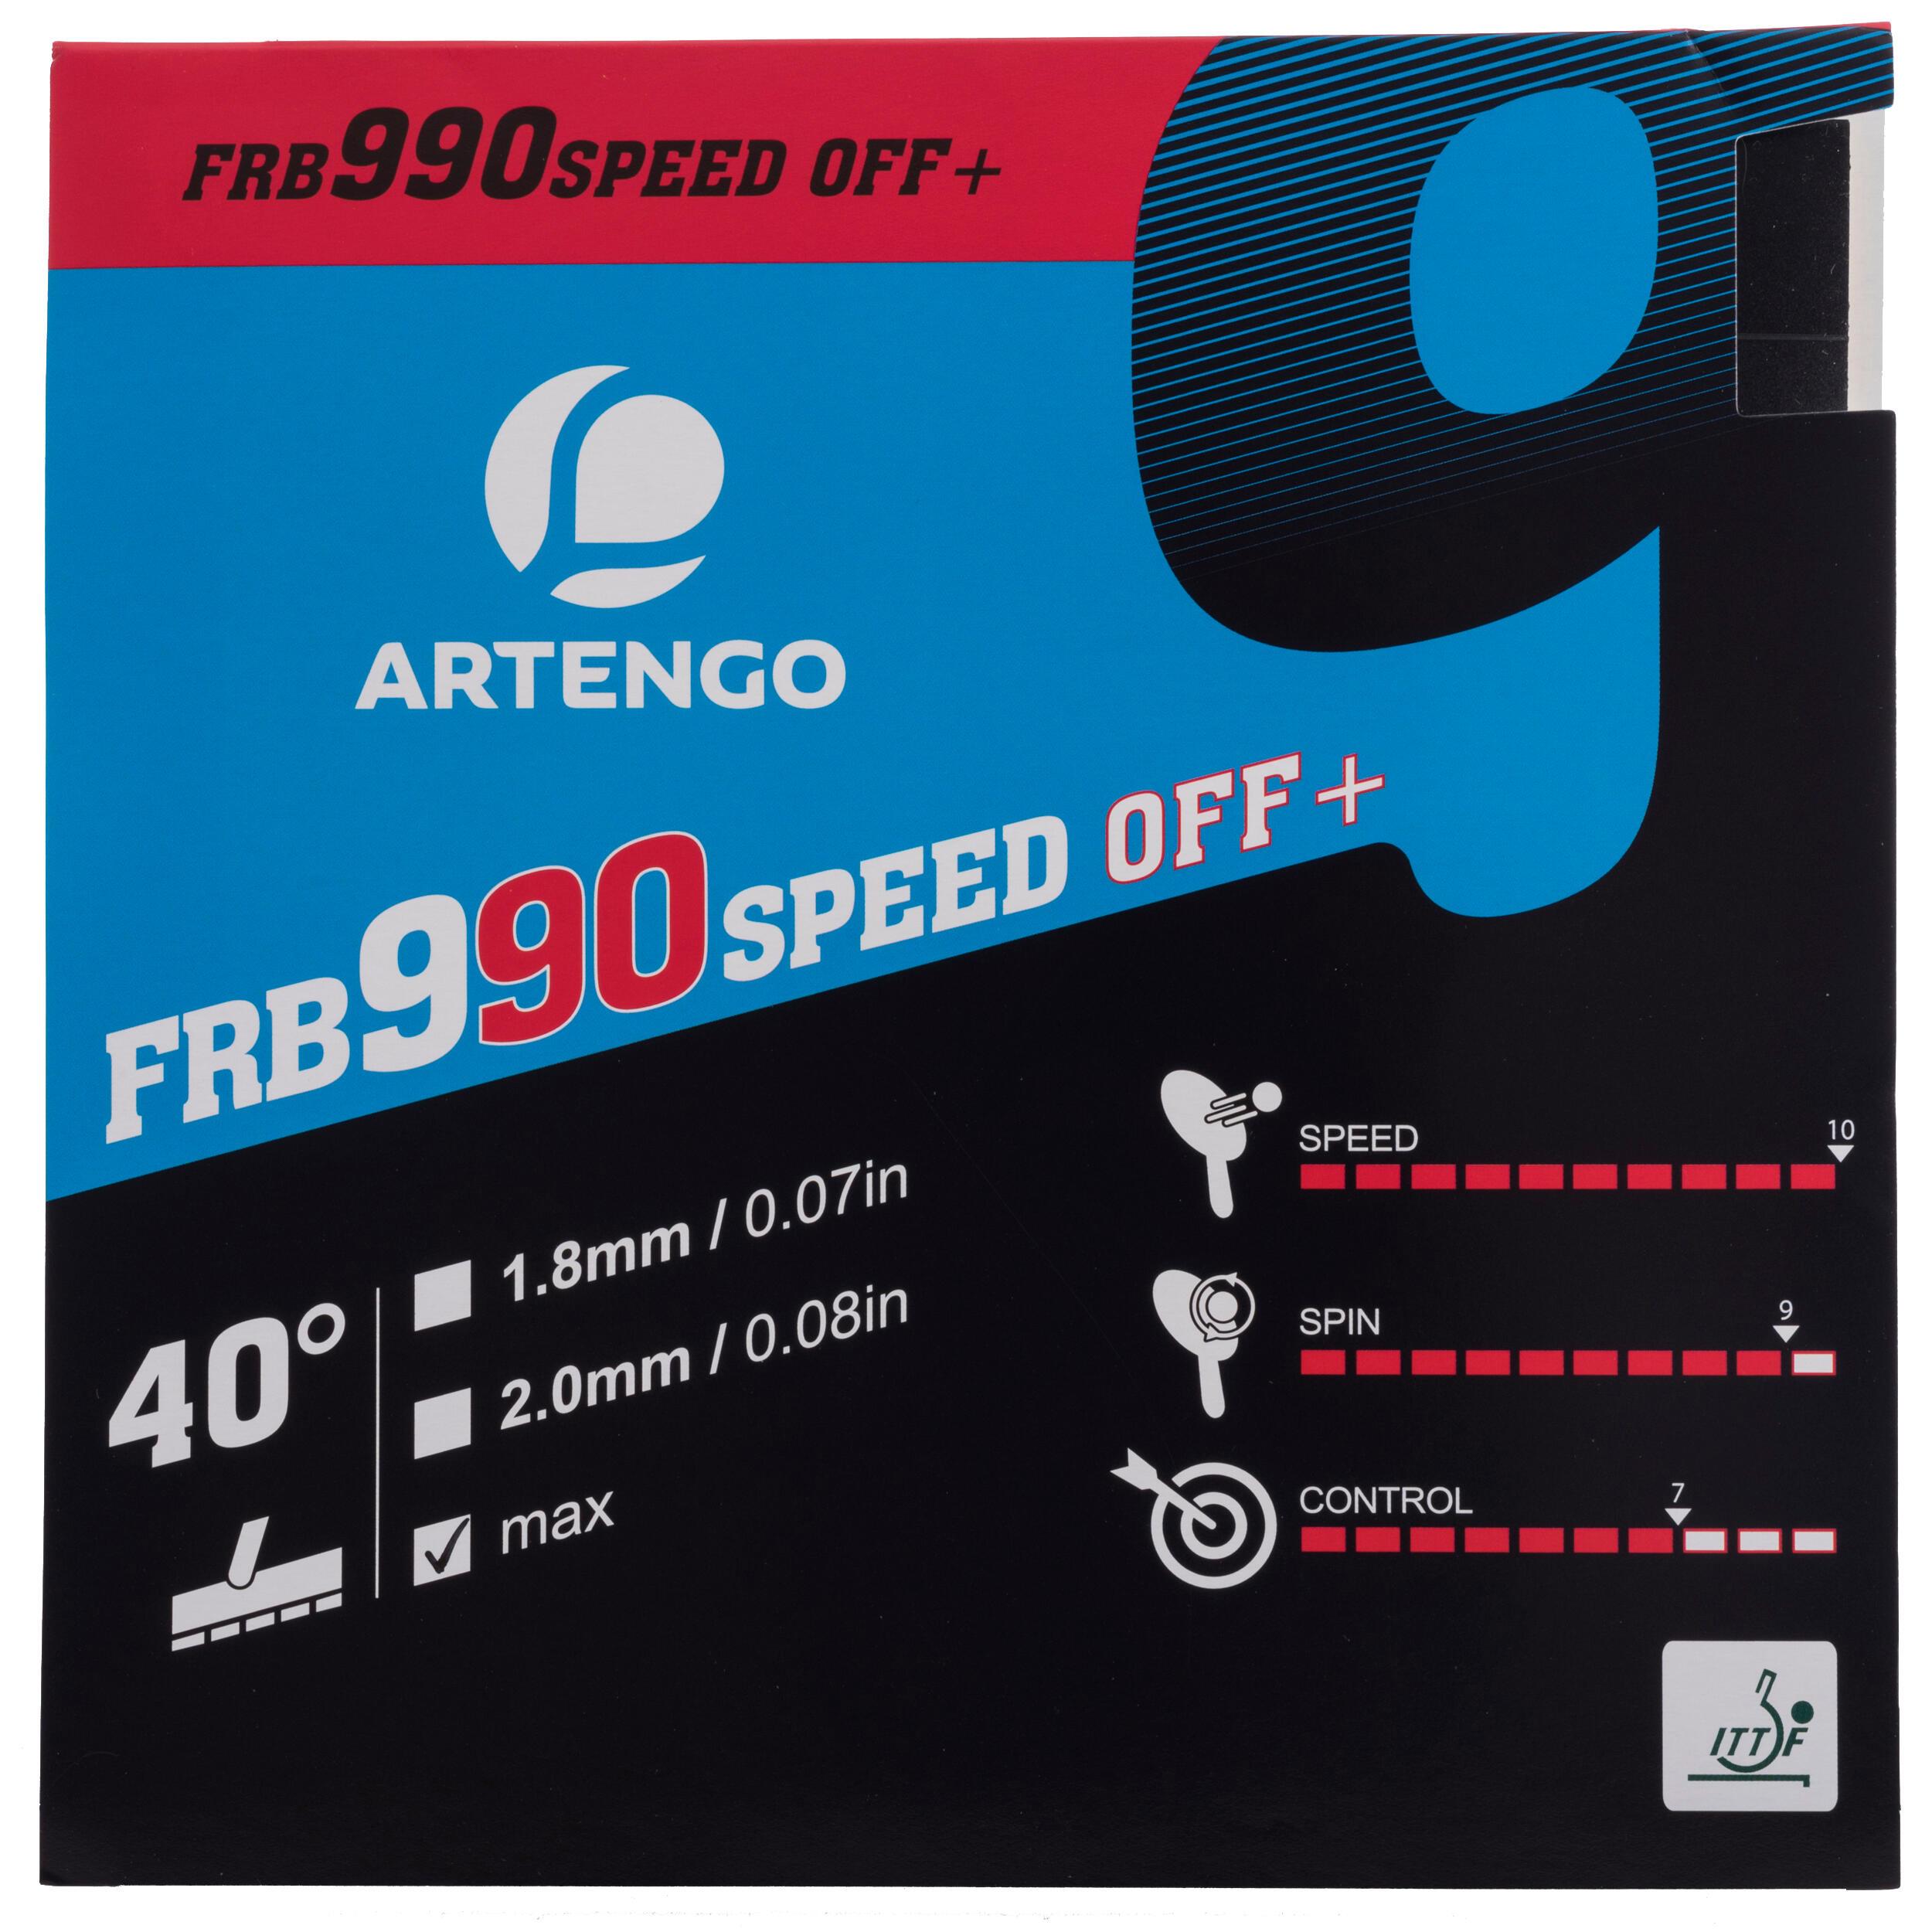 Față Paletă FRB990 Speed 40° imagine produs